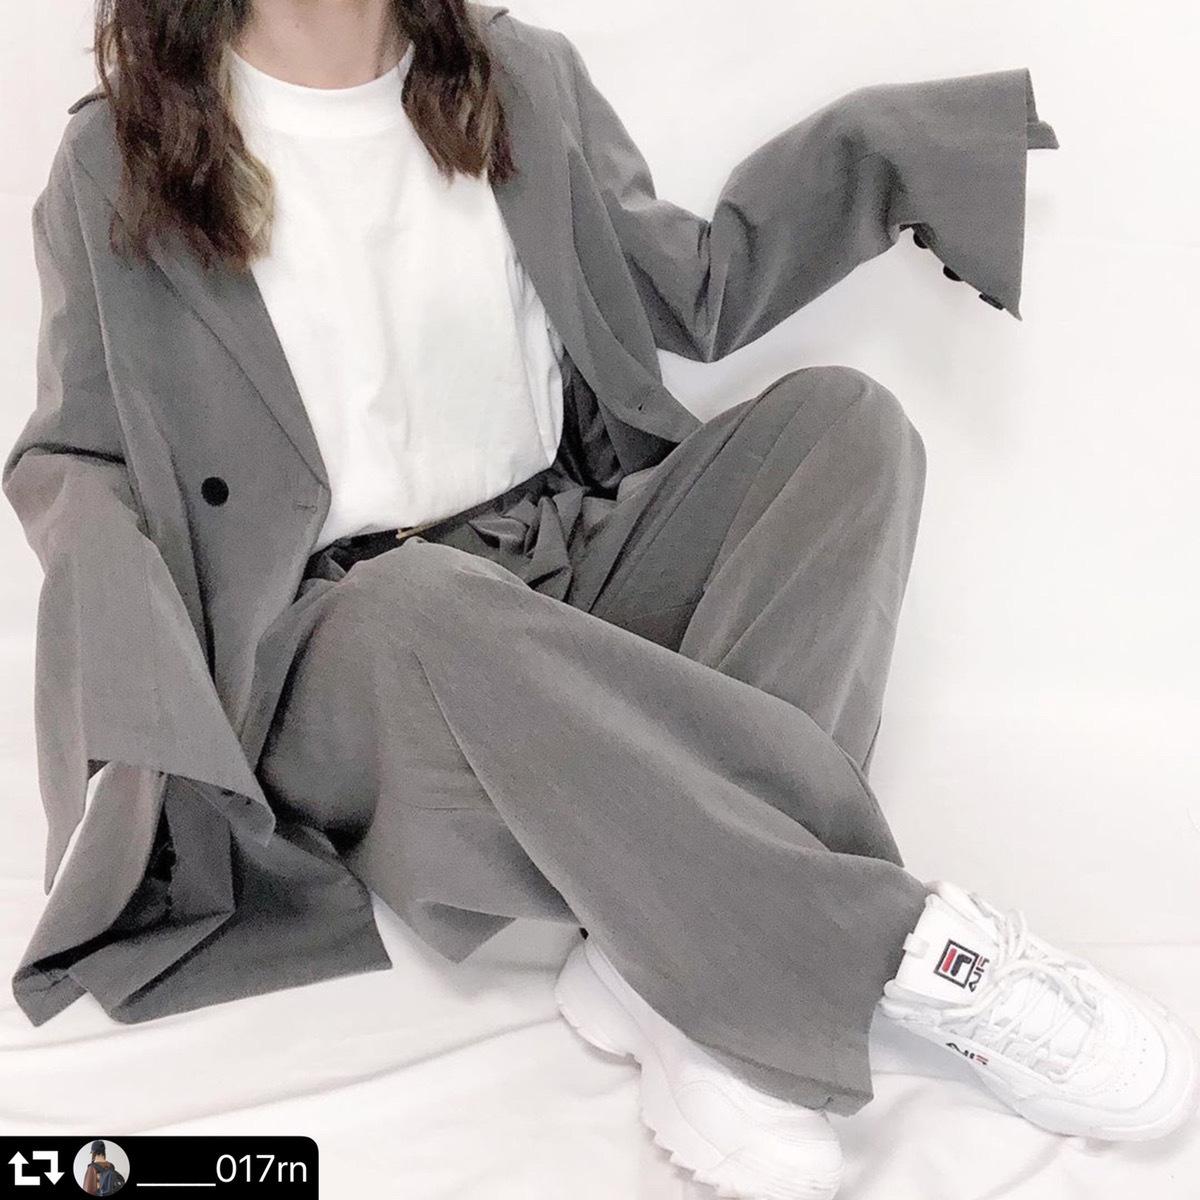 【送料無料】 大人見えマニッシュ♡ ジャケット × ワイドパンツ 大人カジュアル きれいめ スーツ 2点セット